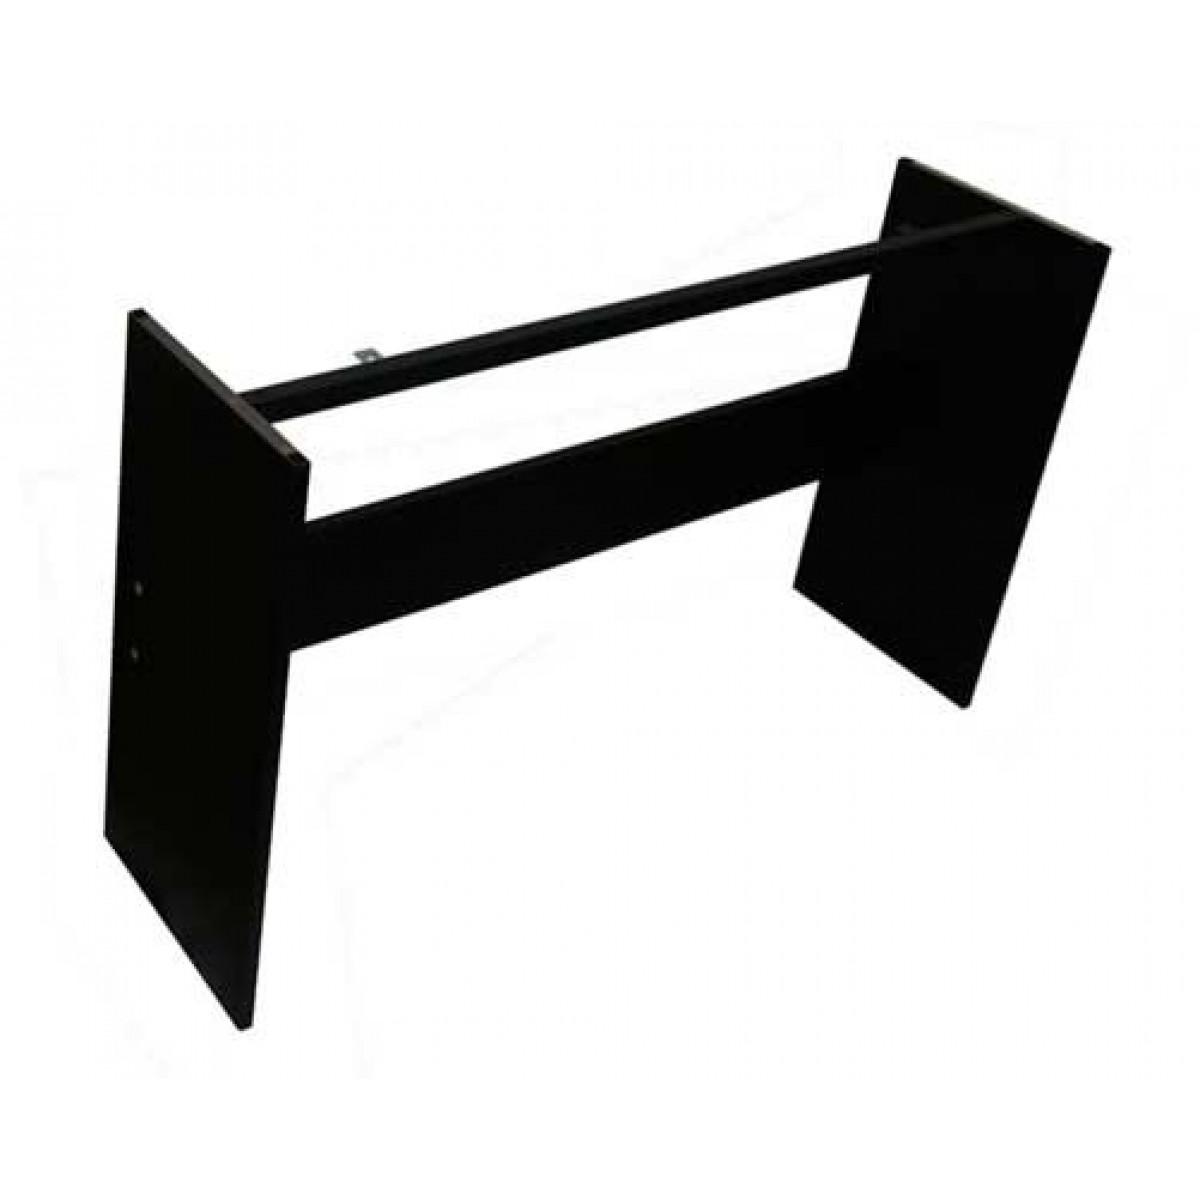 korg sp170 buy keyboard stand best price. Black Bedroom Furniture Sets. Home Design Ideas